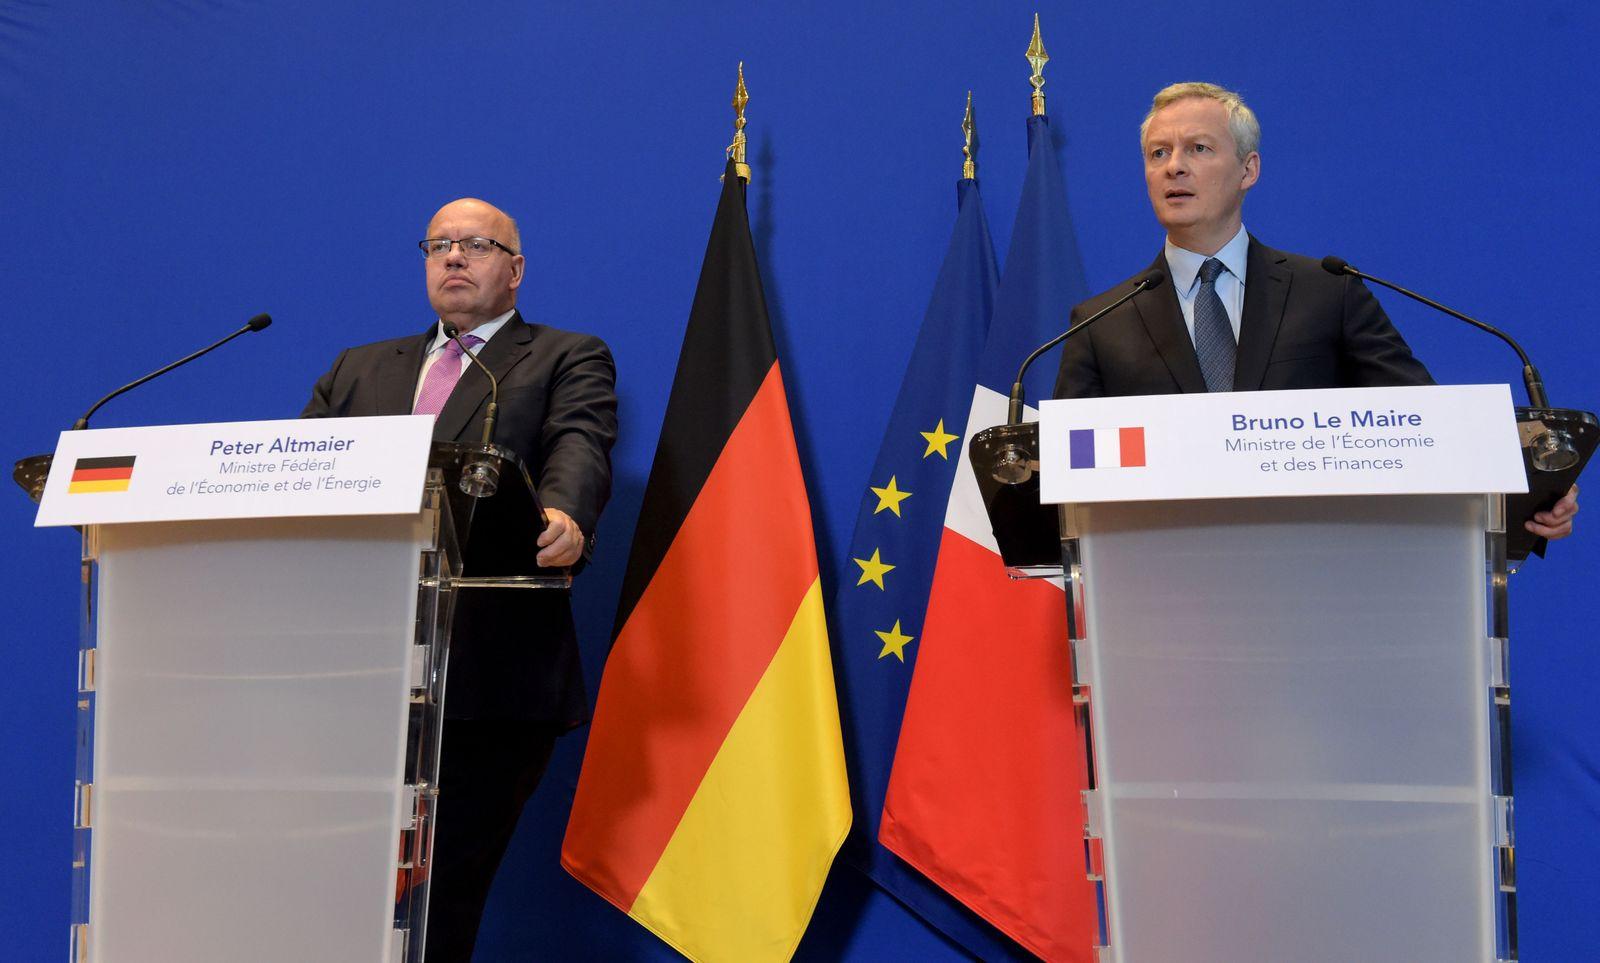 FRANCE-GERMANY-POLITICS-ECONOMY